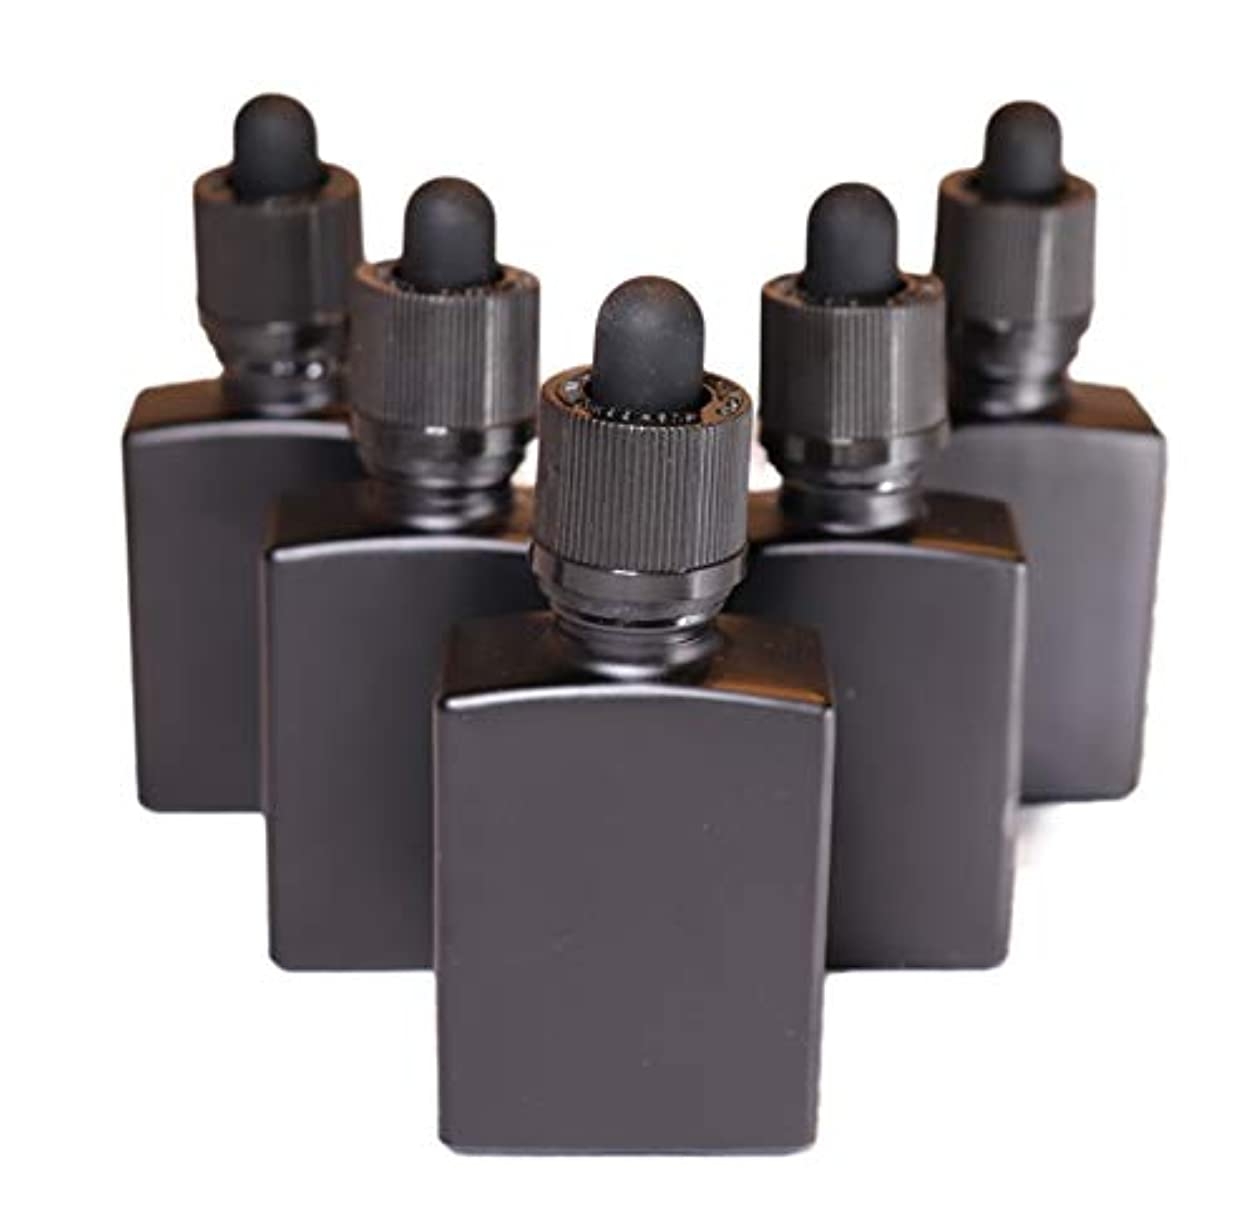 恥ずかしさ数値わずかな4 Queens ガラス製スポイト遮光瓶【チャイルドロック付き】30ml 5本セット アロマ 香水 リキッド保存用 詰め替え用 マットブラック